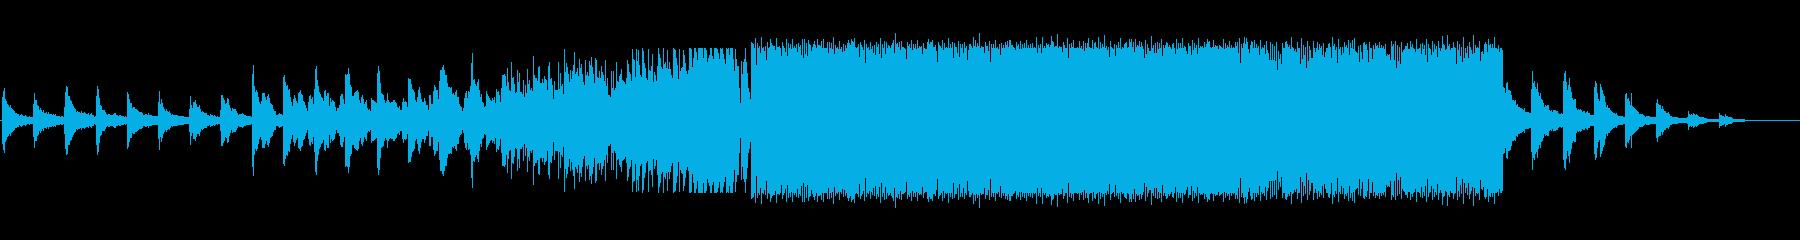 哀愁のあるドラムンベースの再生済みの波形